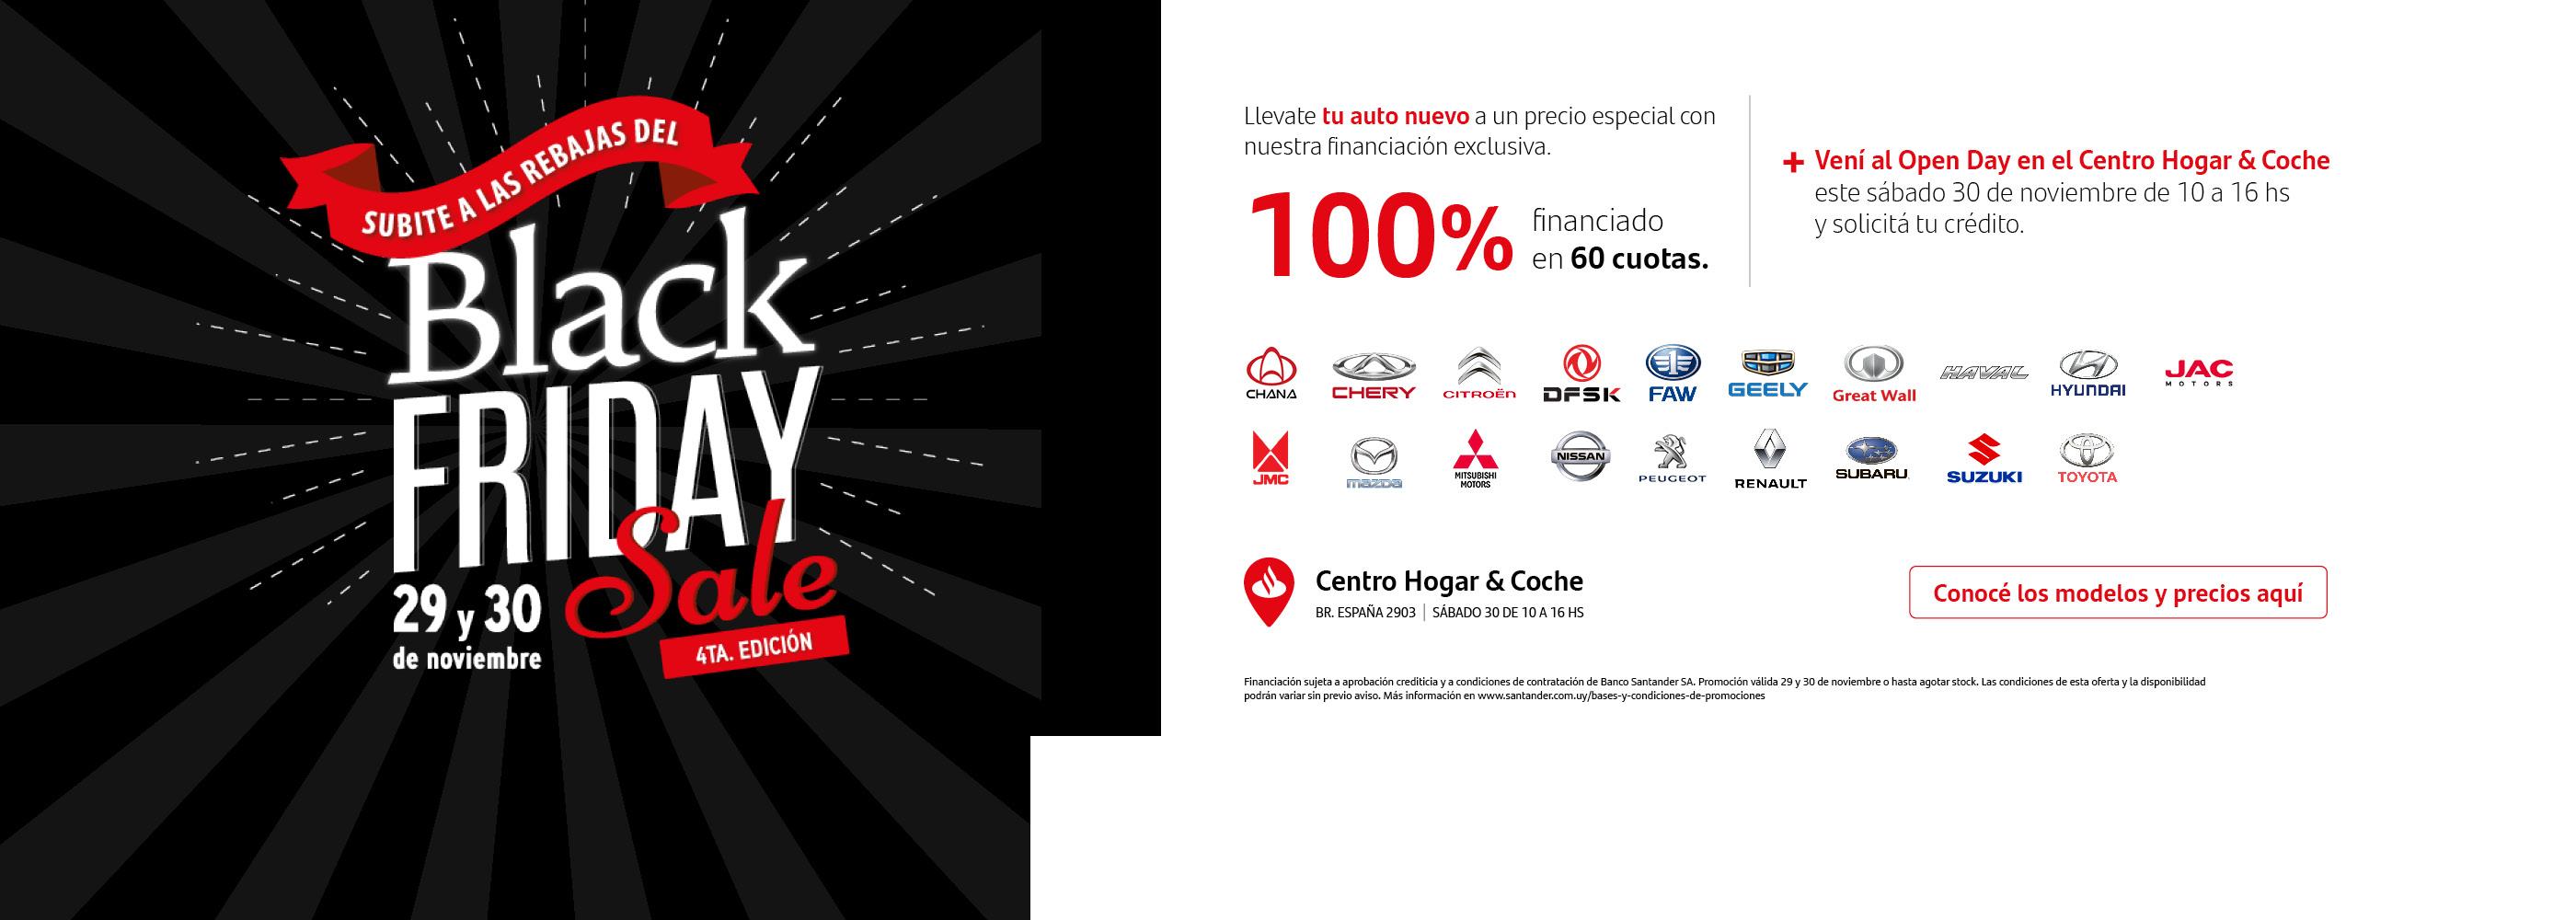 Black Friday Autos Santander